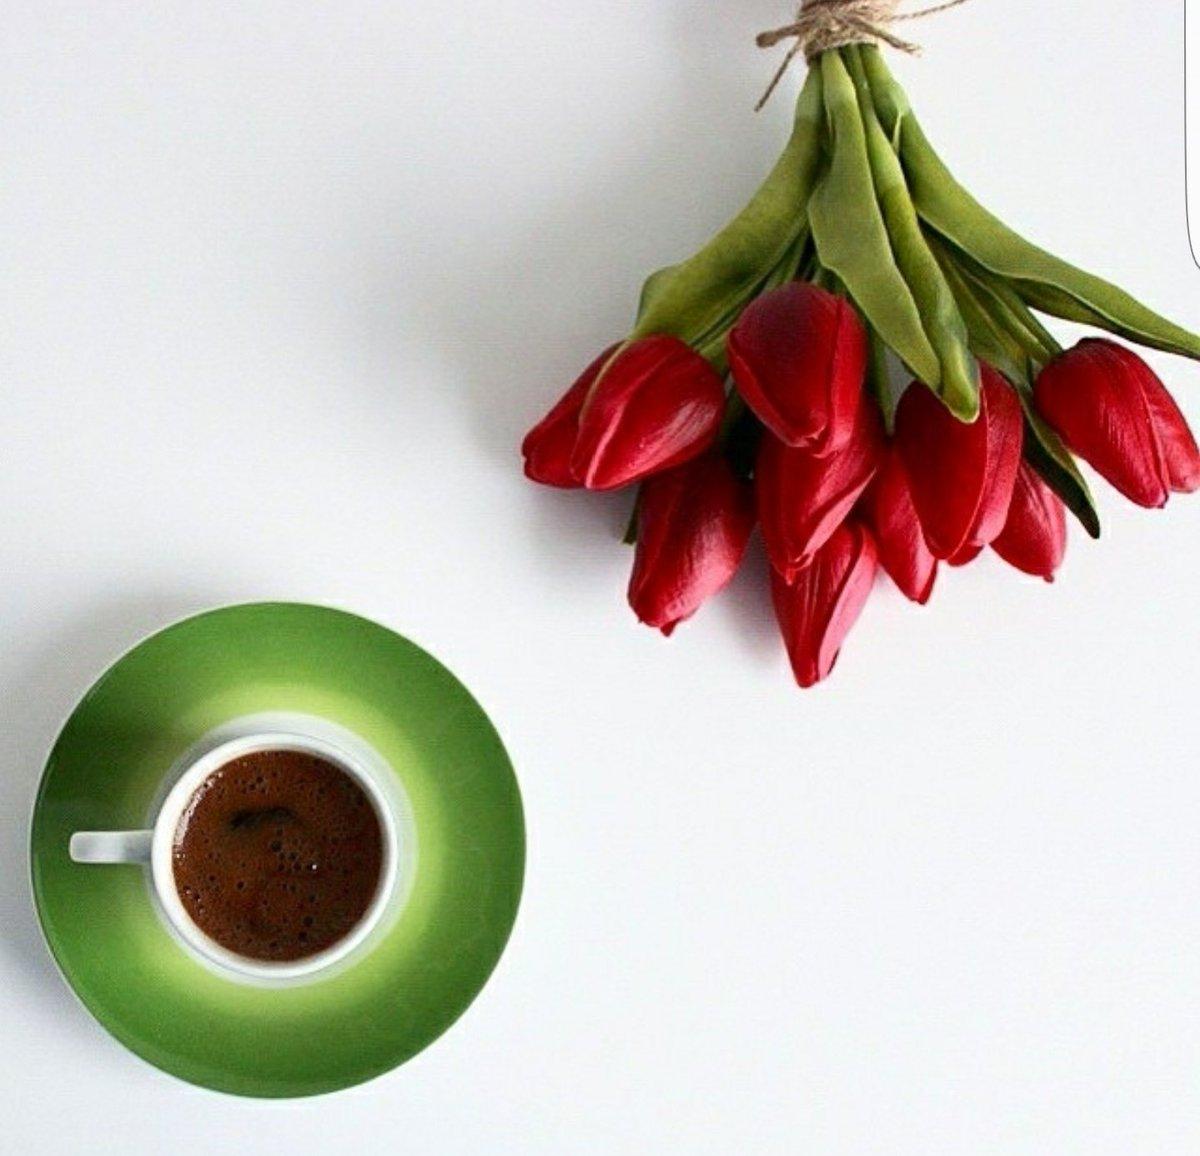 #coffee morning #flowers #Detalles  en Flor #Feliz dia <br>http://pic.twitter.com/9mkWsd3x0E